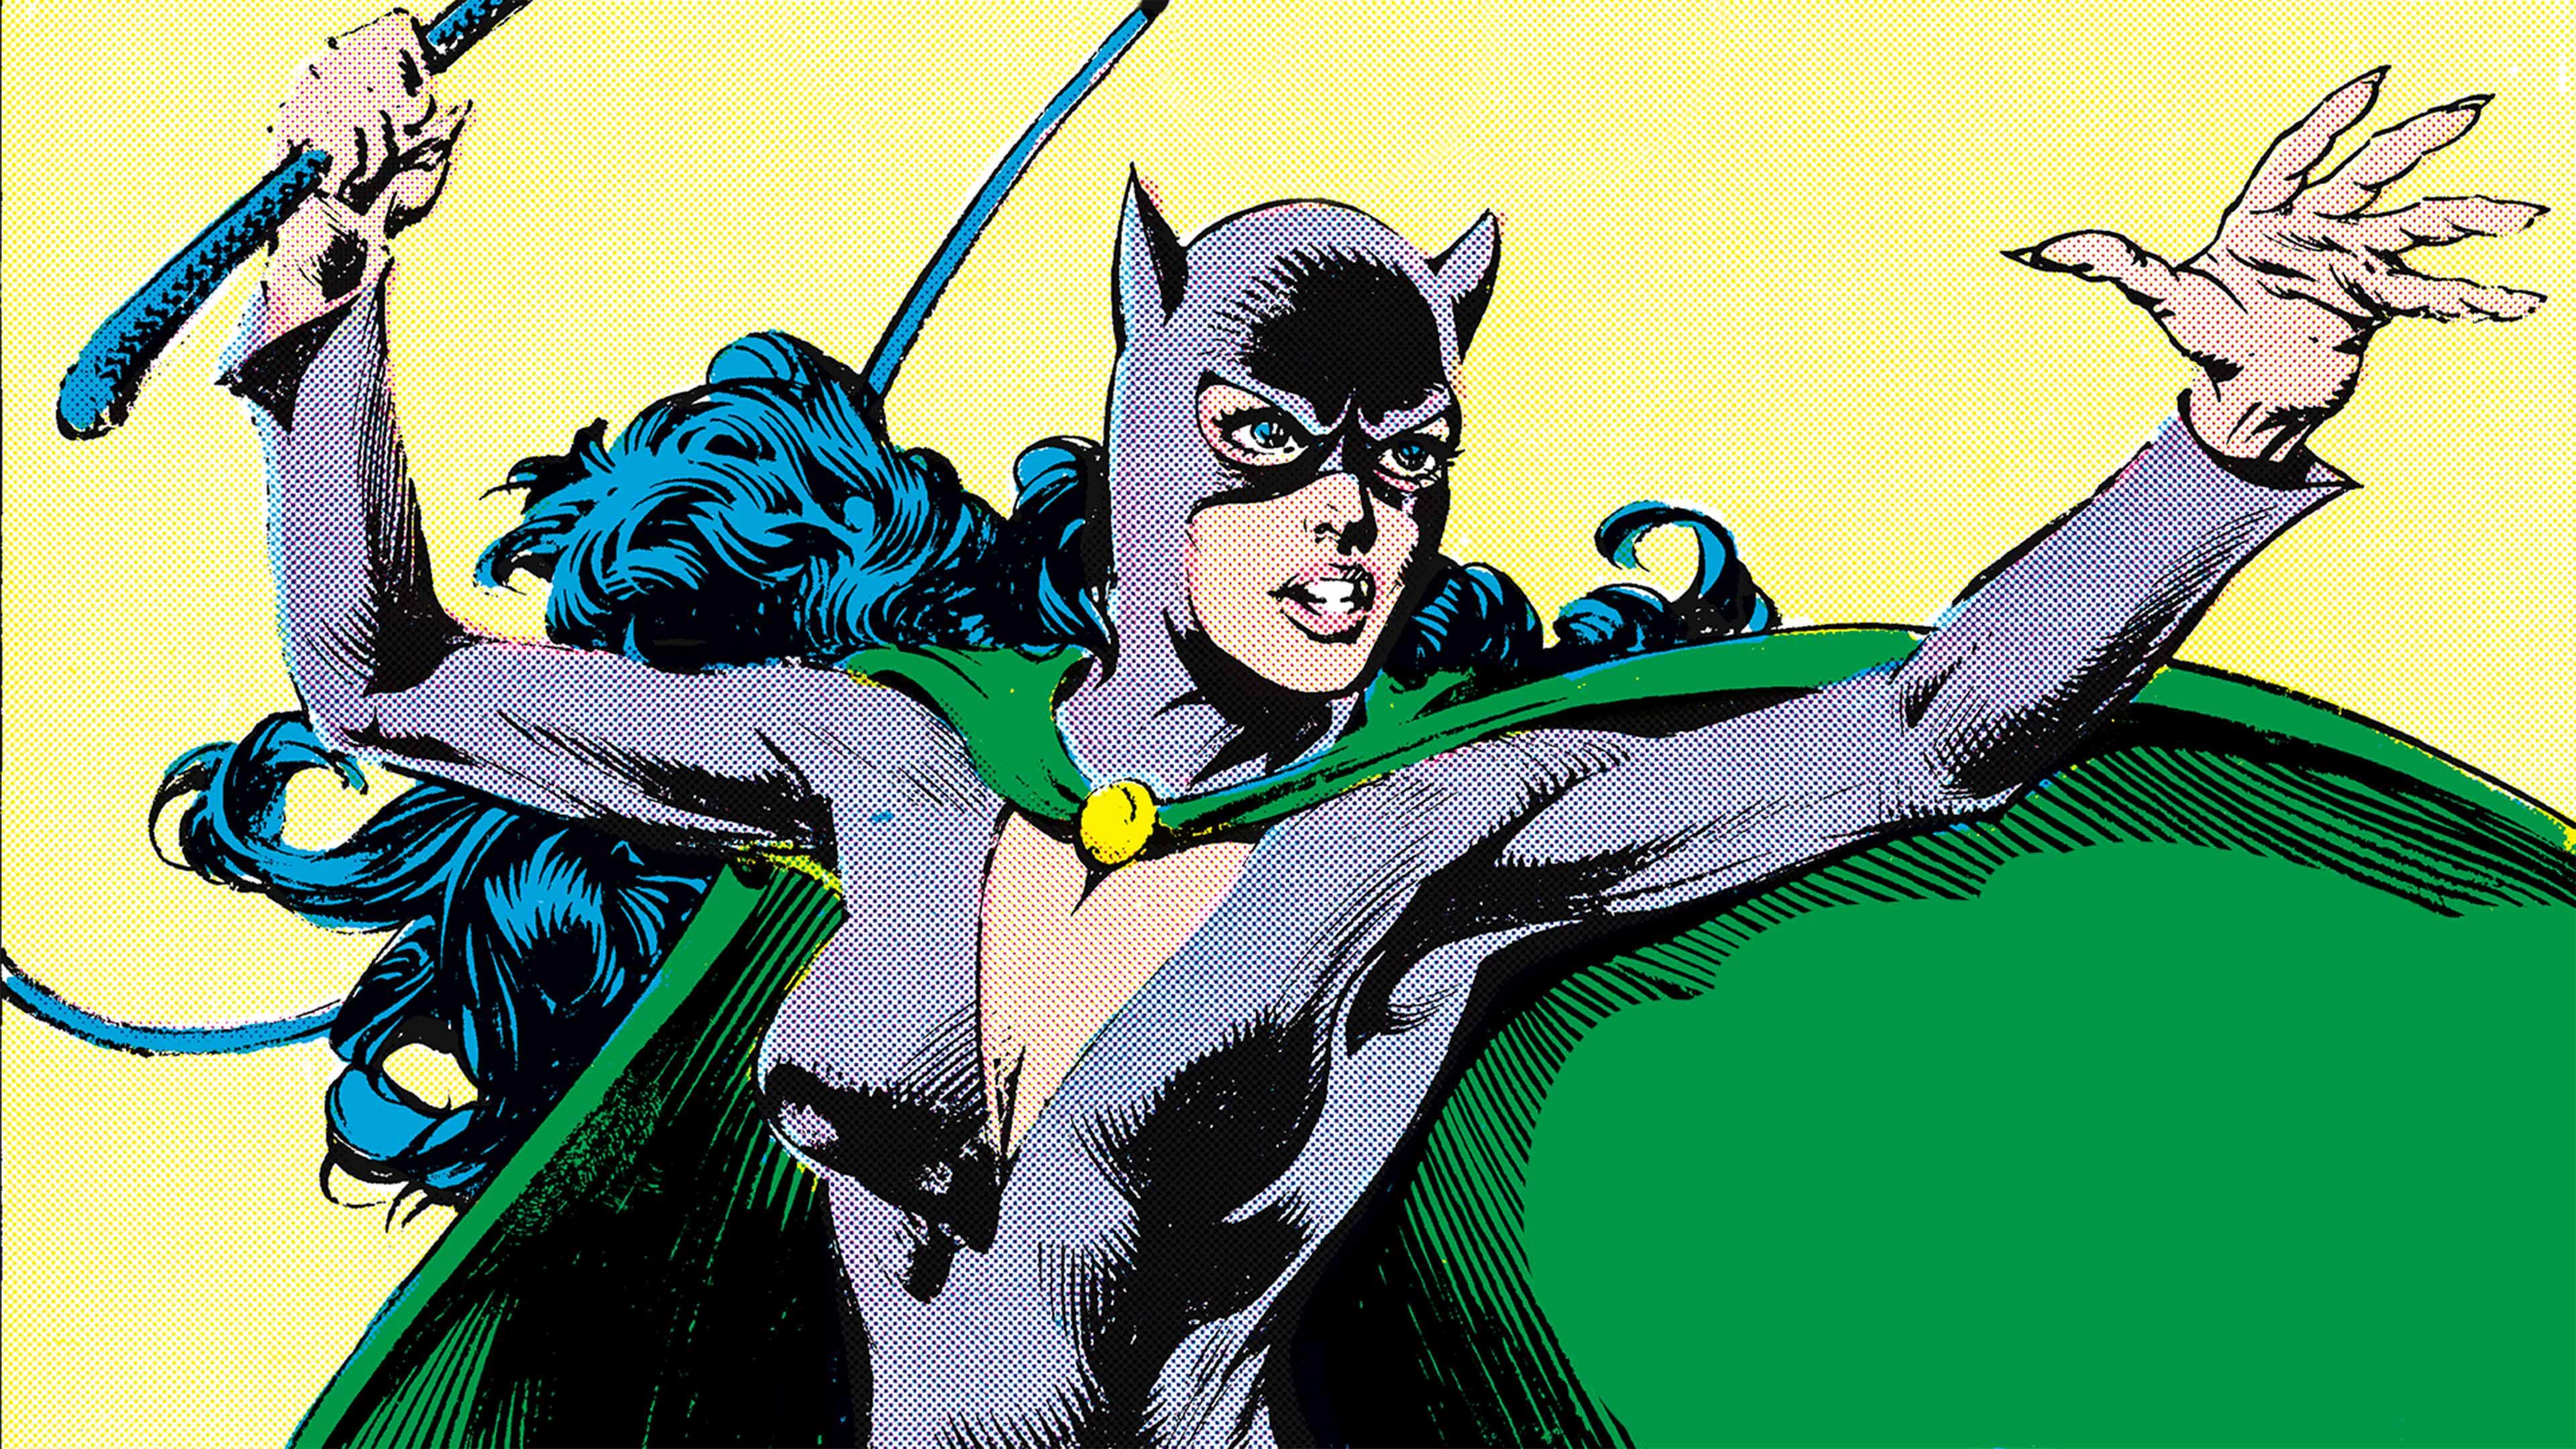 catwoman_anniversary_day3_news_hero-c_v1_200415.jpg